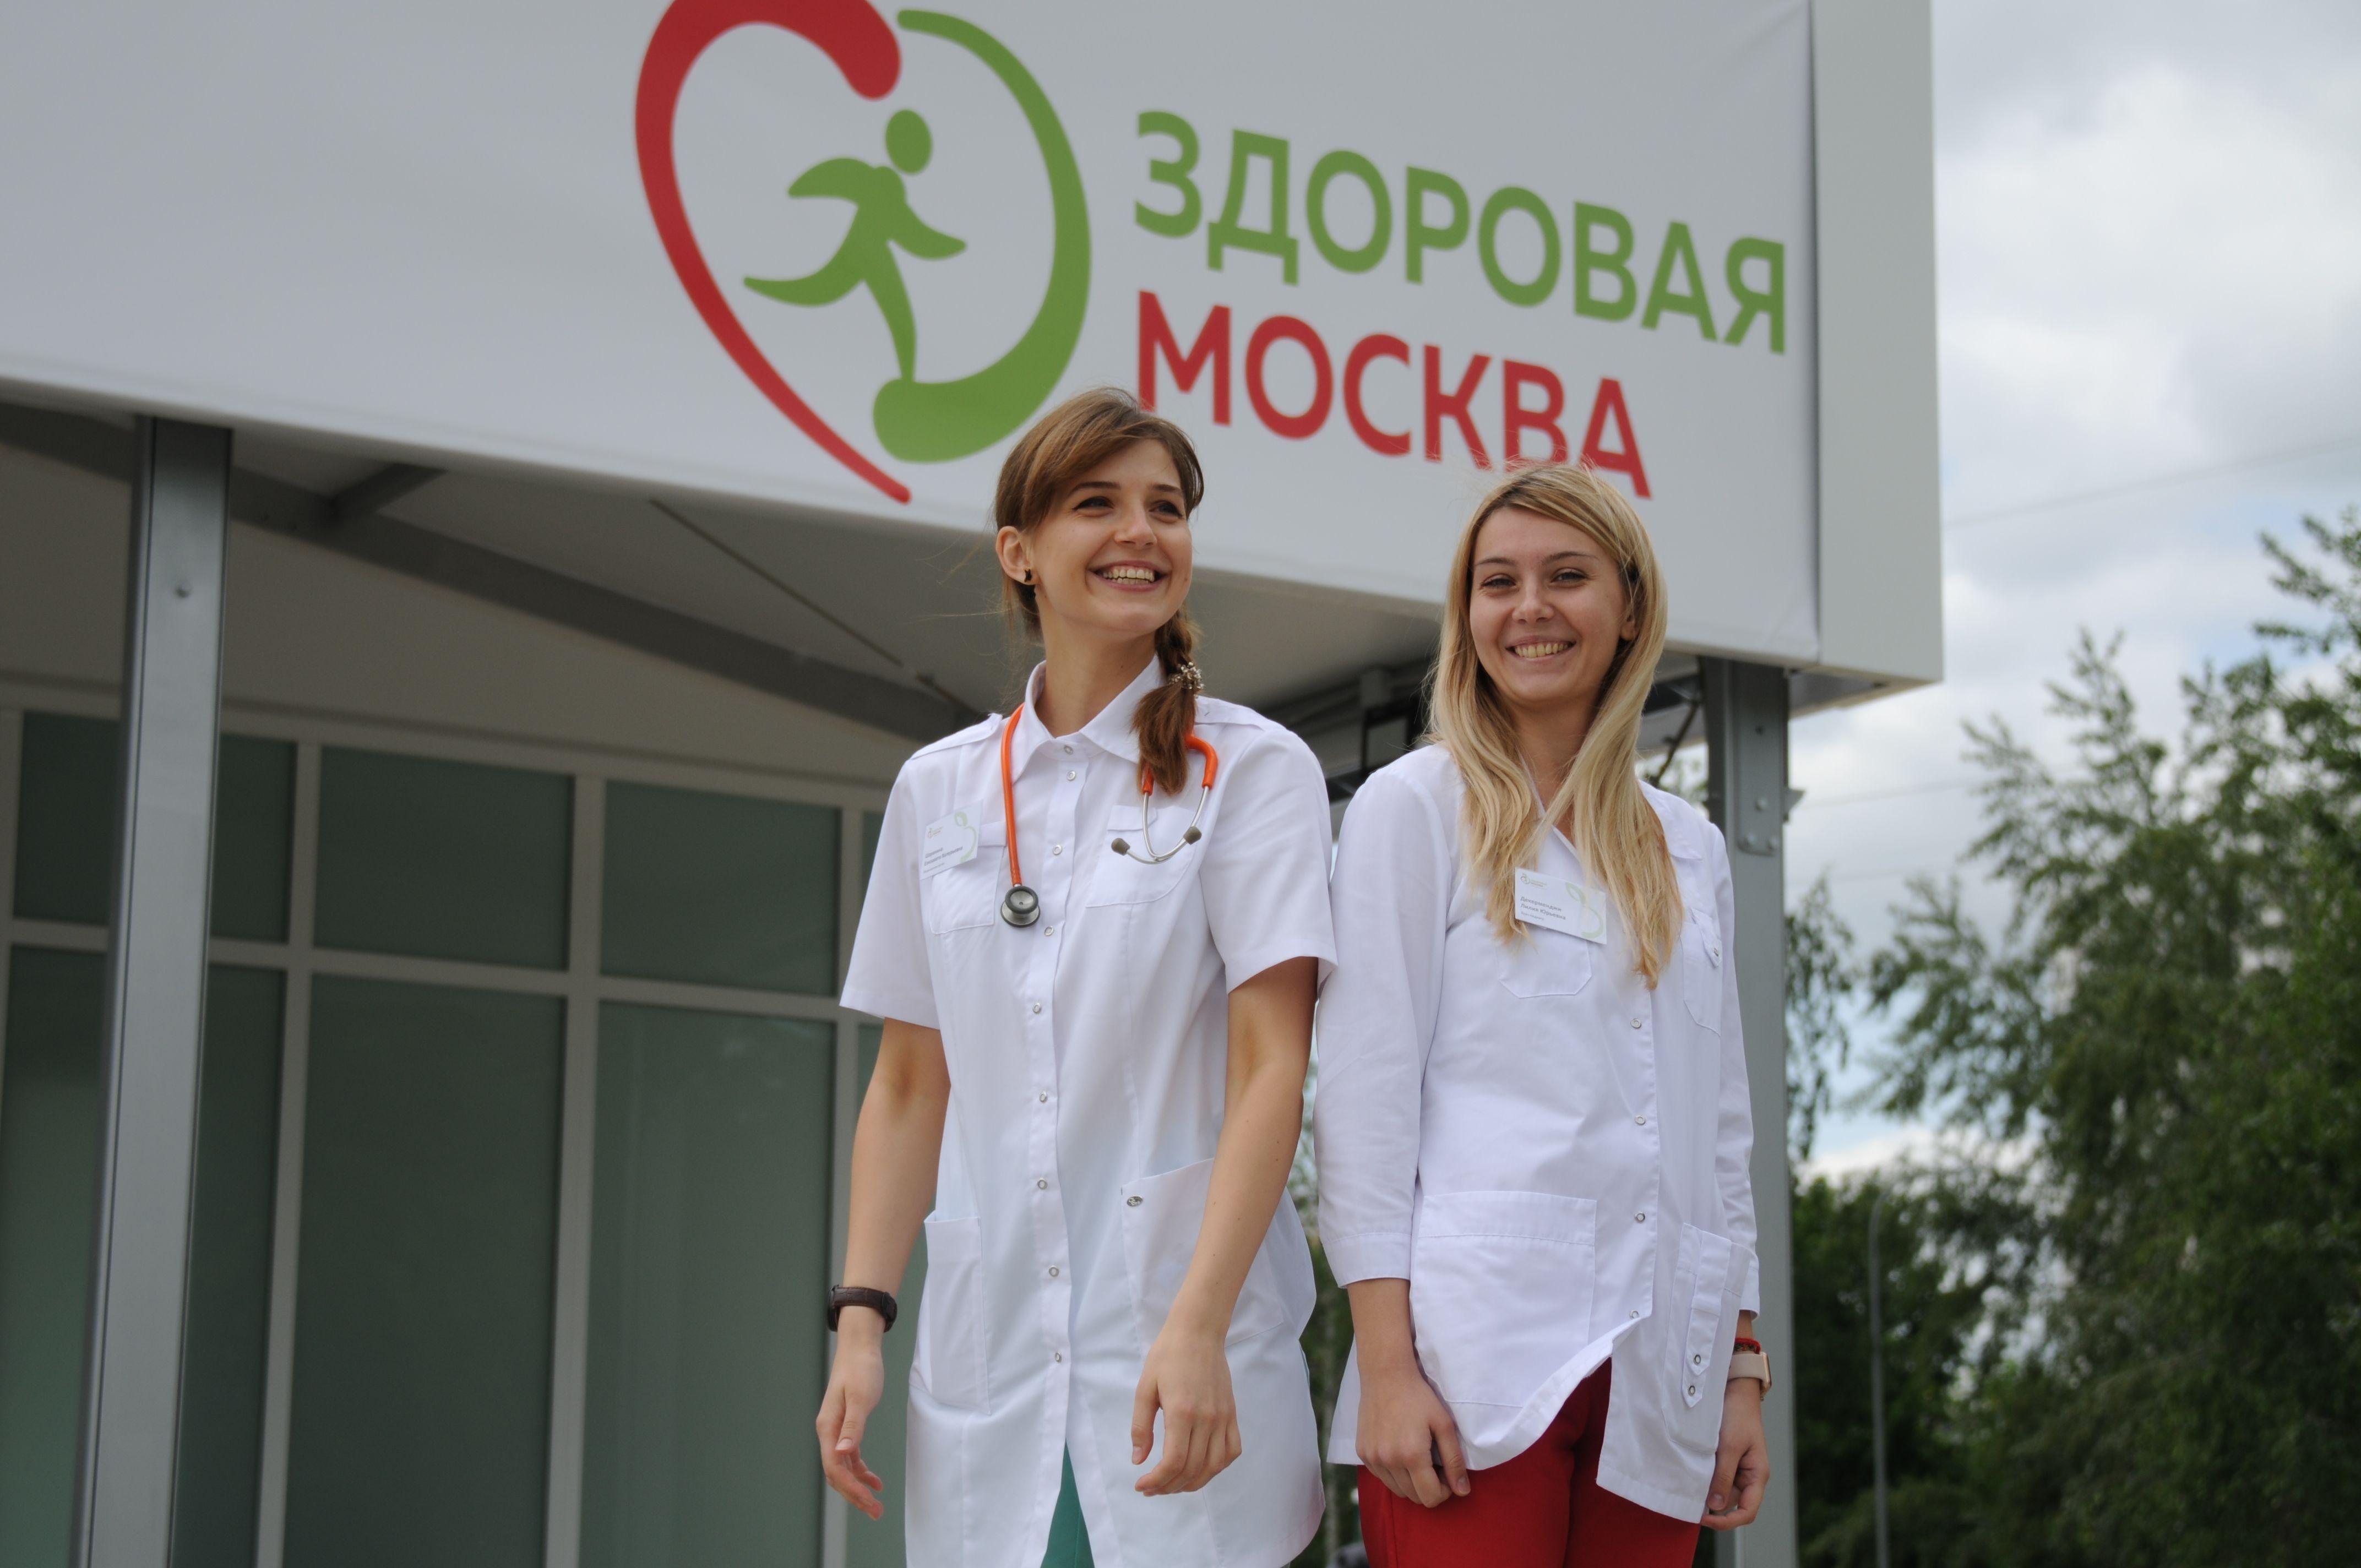 Количество павильонов «Здоровая Москва» расширили до 24